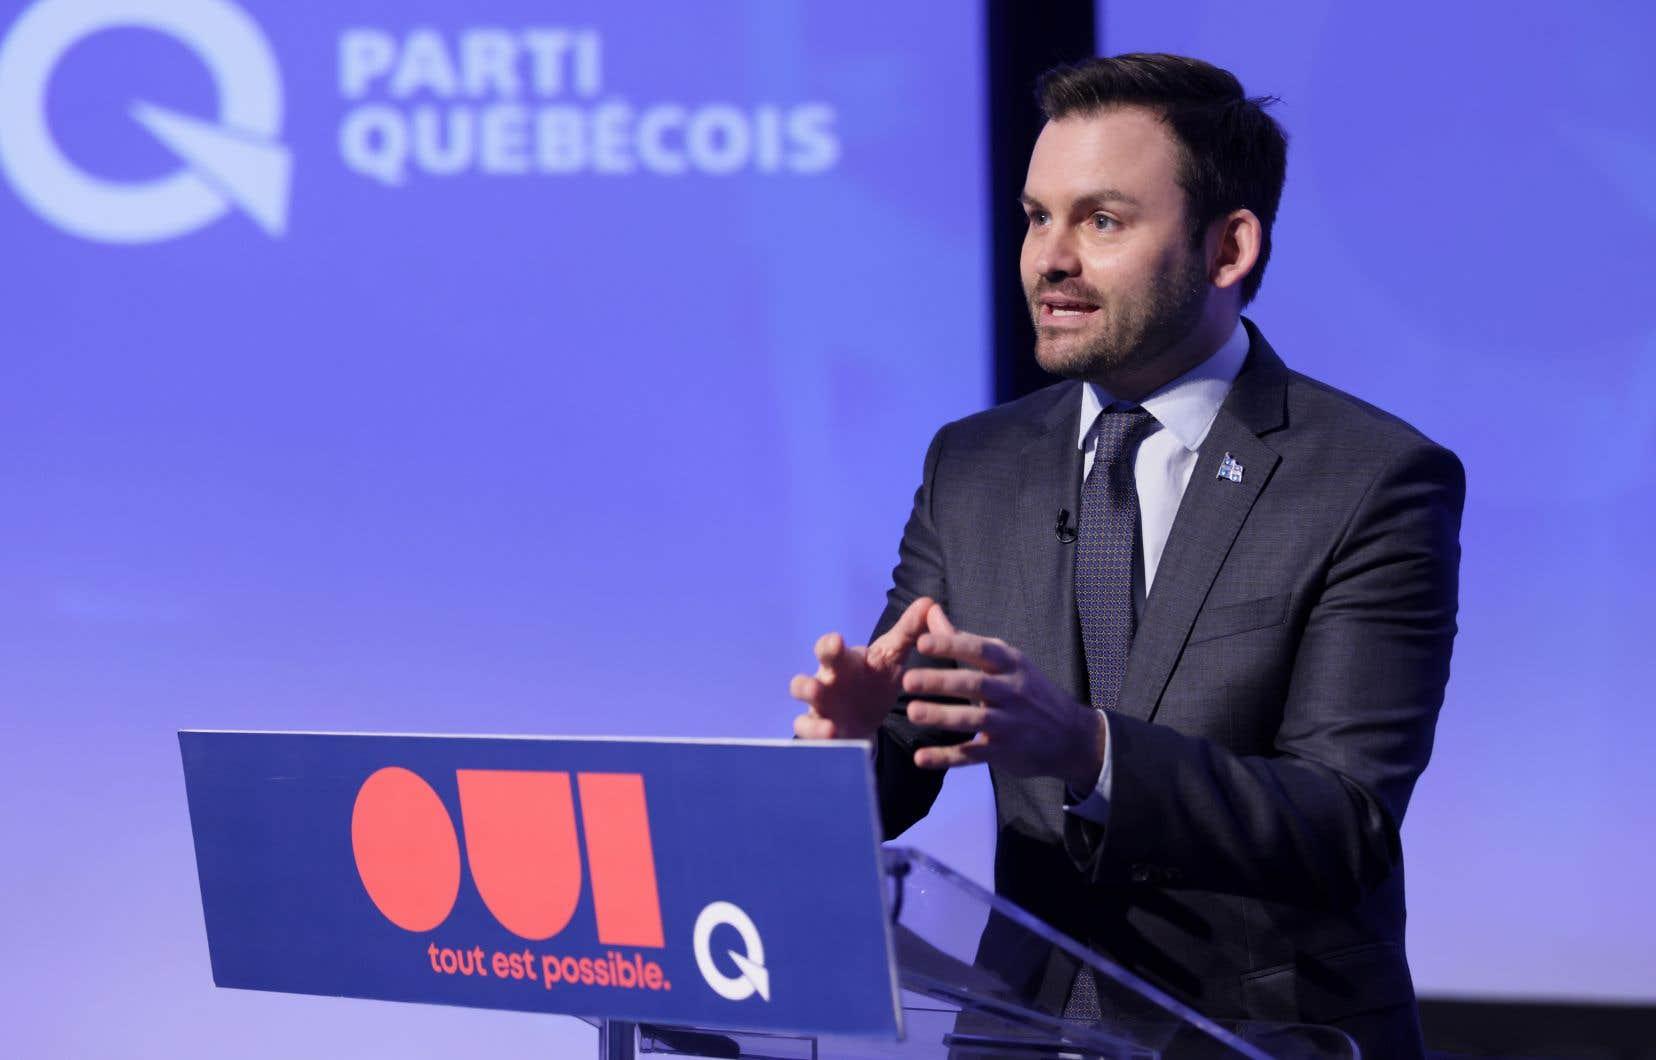 Le chef Paul St-Pierre Plamondon, d'abord opposé à l'application de la loi 101 aux cégeps, a fait volte-faceaucoursdesderniersjours. «Certains facteurs dans l'argumentaire des jeunes [péquistes] me convainquent d'évoluer», a-t-il reconnu samedi dans son discours aux militants.